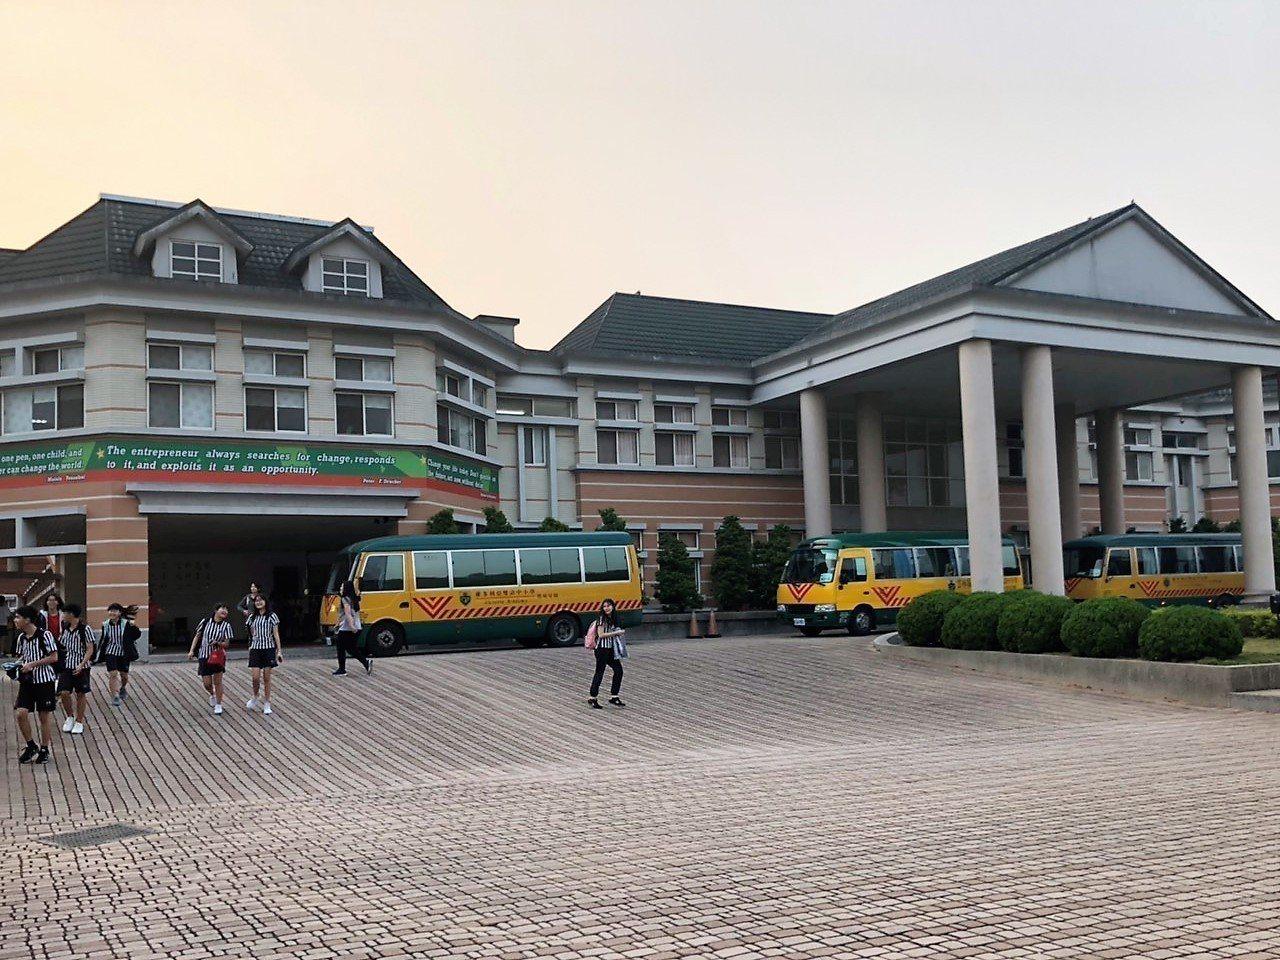 高雄市長韓國瑜在雲林創辦的維多利亞實驗中學,日前被爆每坪土地每月租金僅8元。圖/...